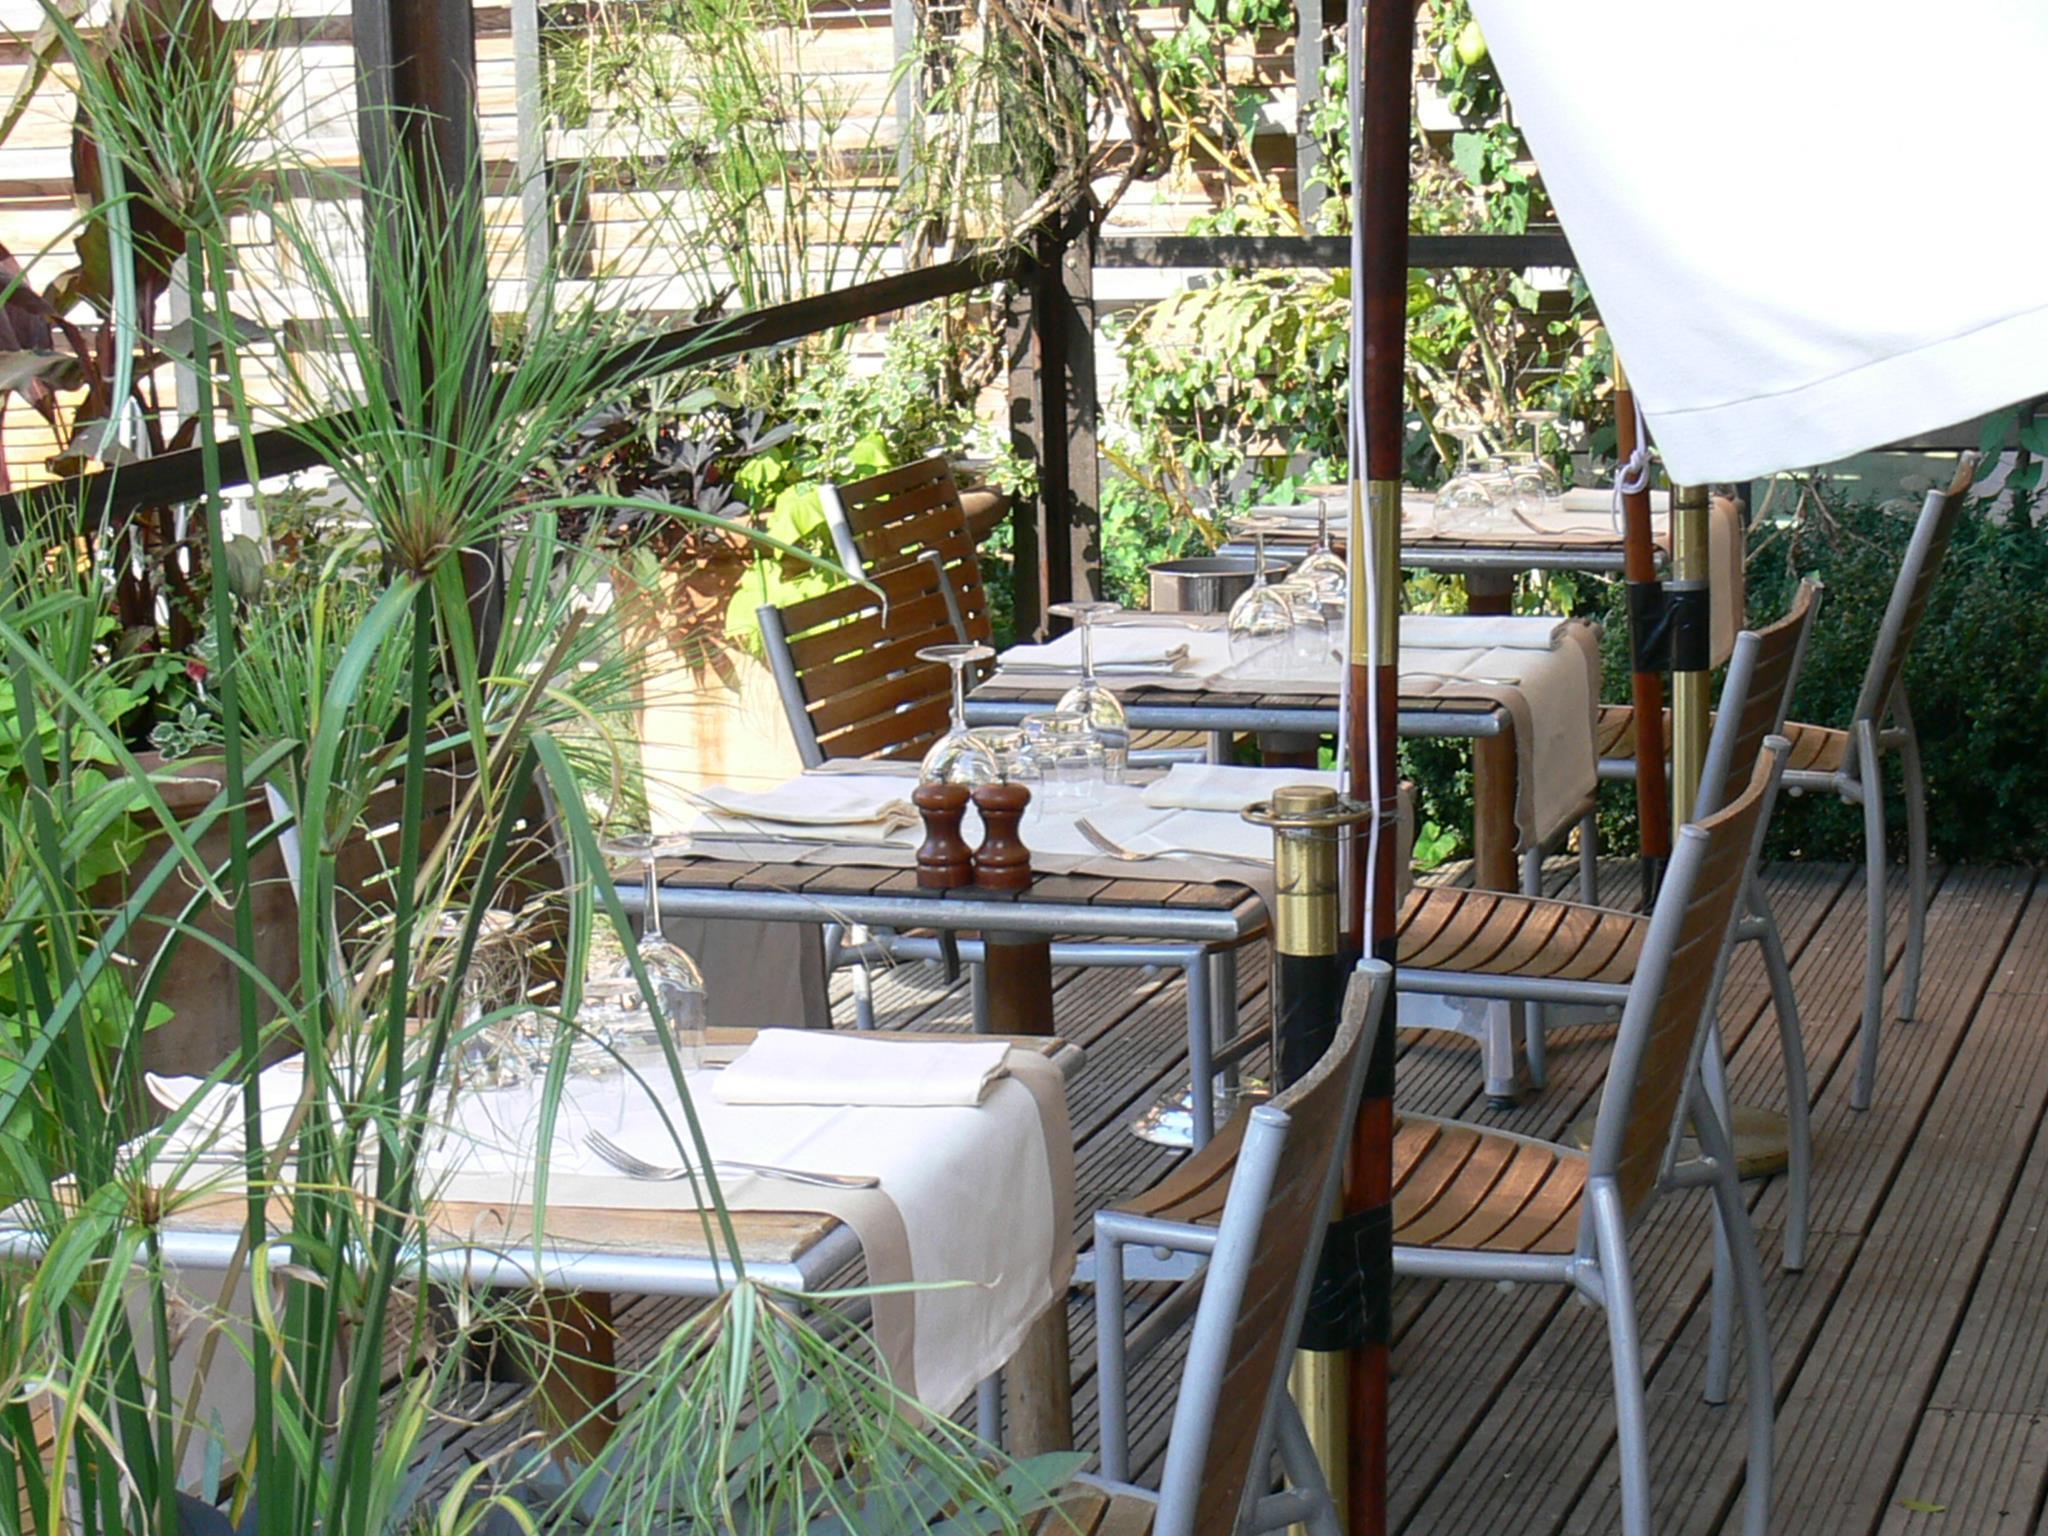 Restaurant la baleine paris au coeur du jardin des plantes - Restaurant paris avec terrasse jardin ...